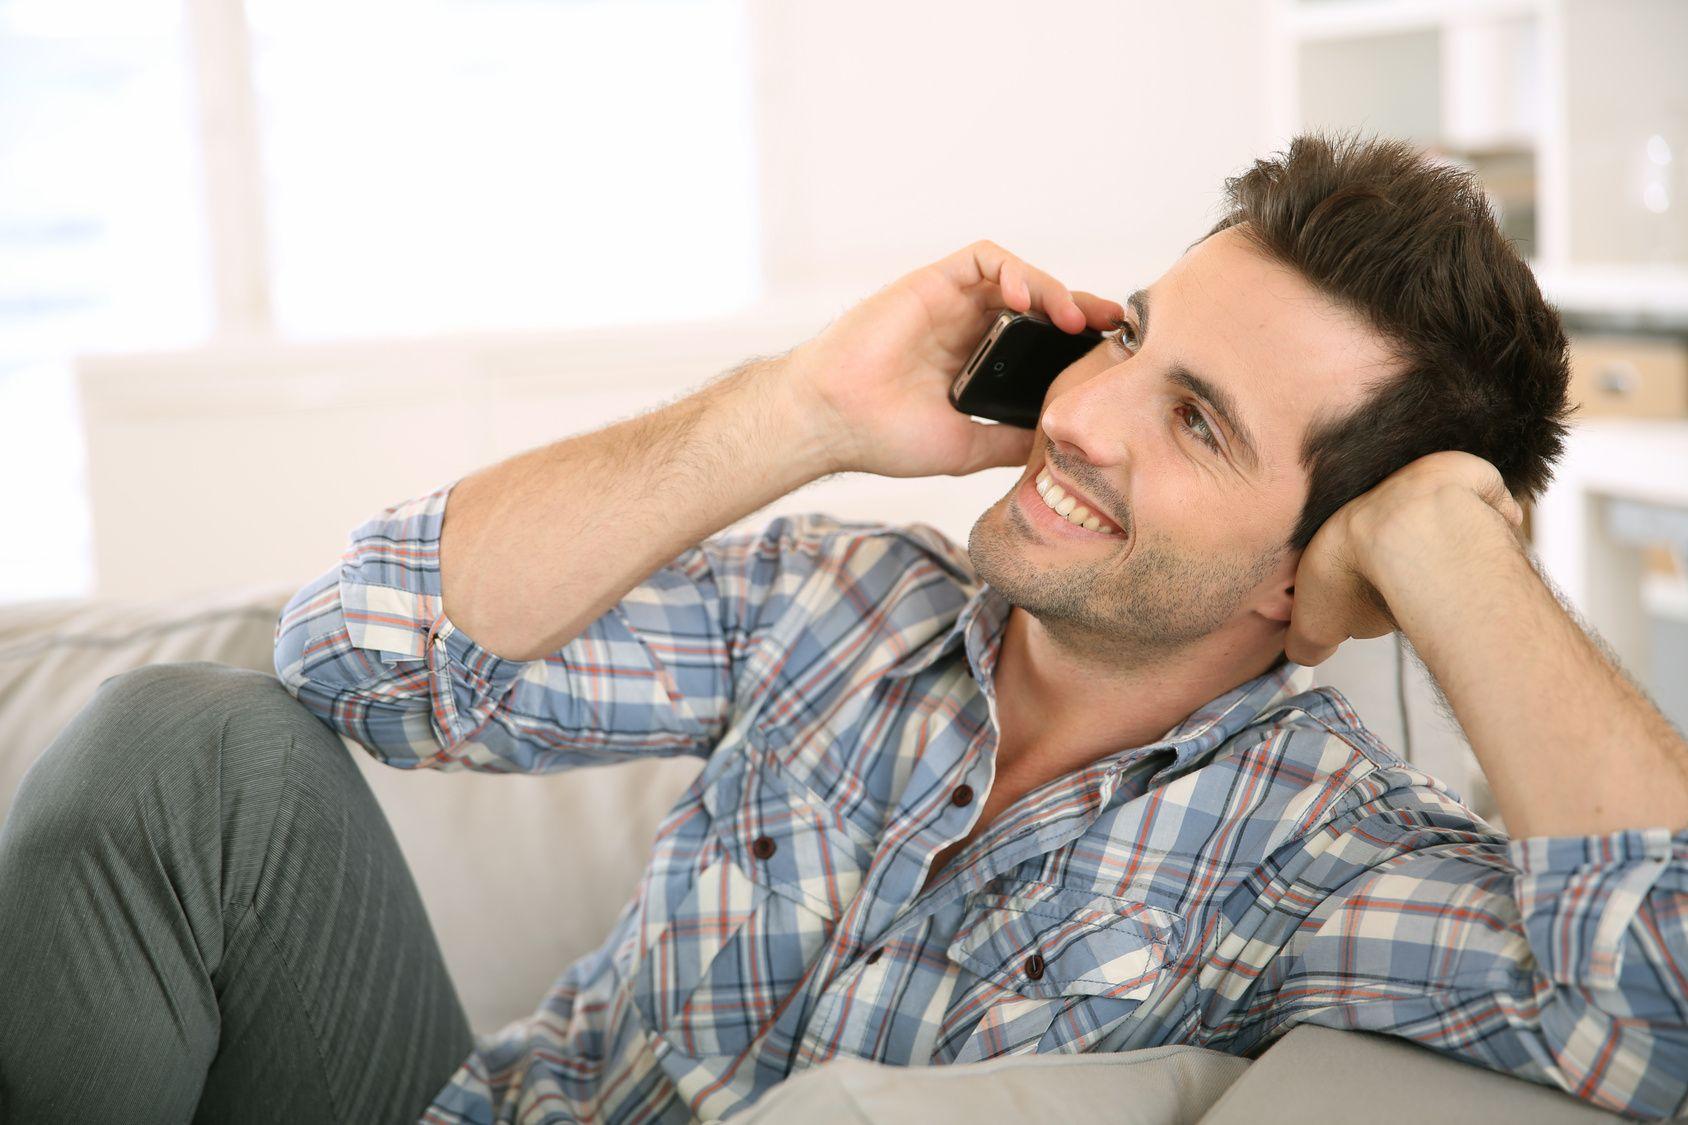 صورة كيف تجعل الفتاة تحبك عبر الهاتف , تعرف علي طرق تجعل البنت تعشقك من التليفون